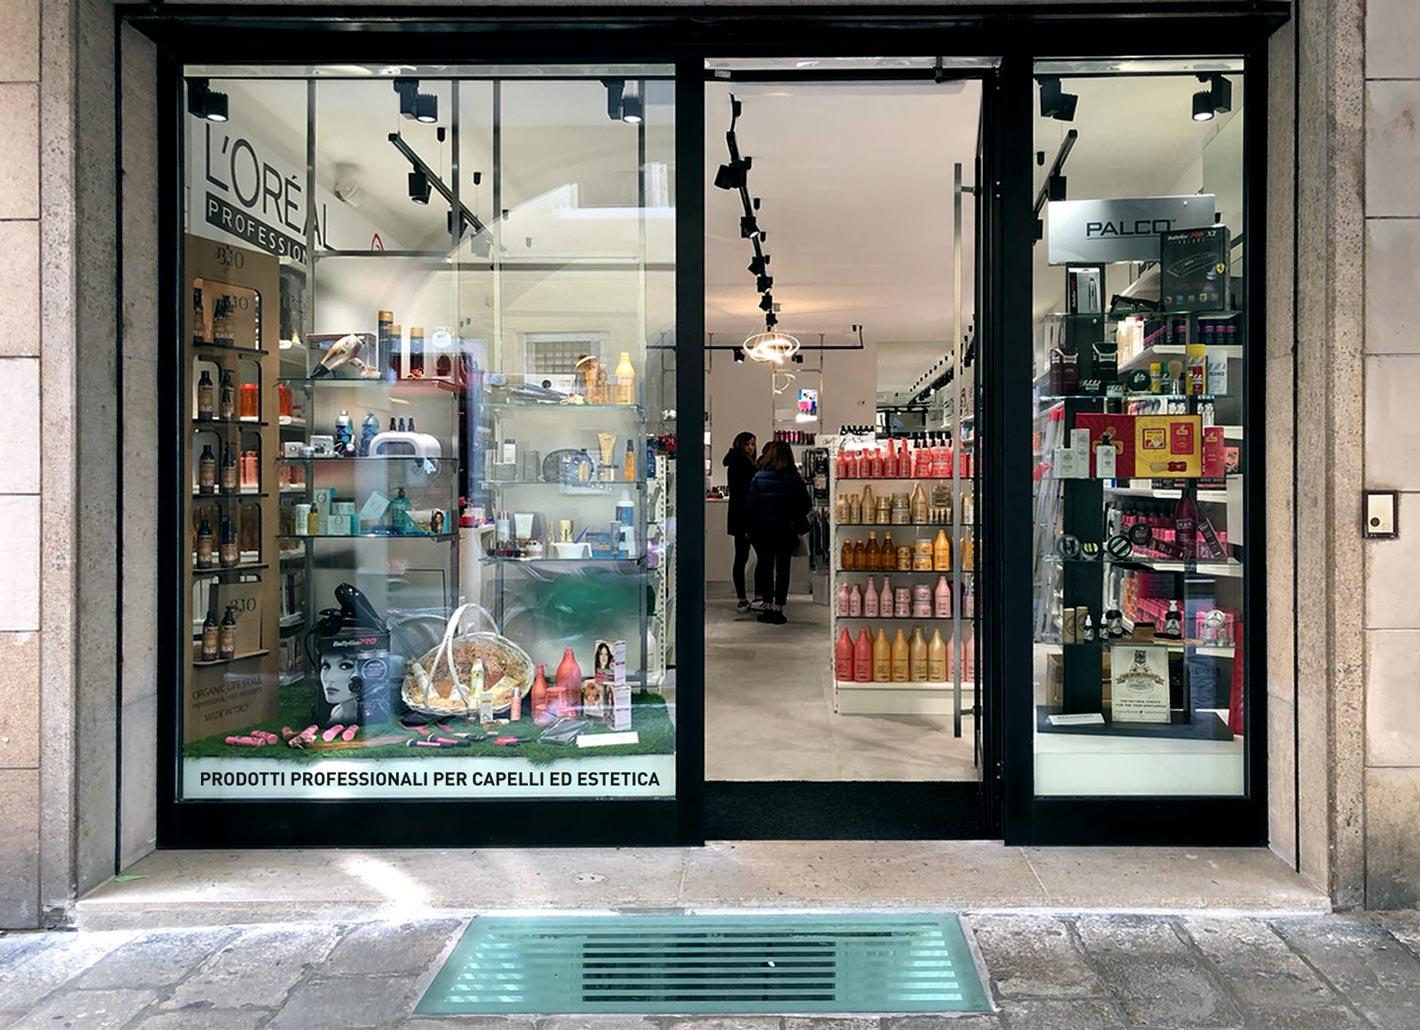 Testa a posto by calenda prodotti per parrucchieri e make up a padova